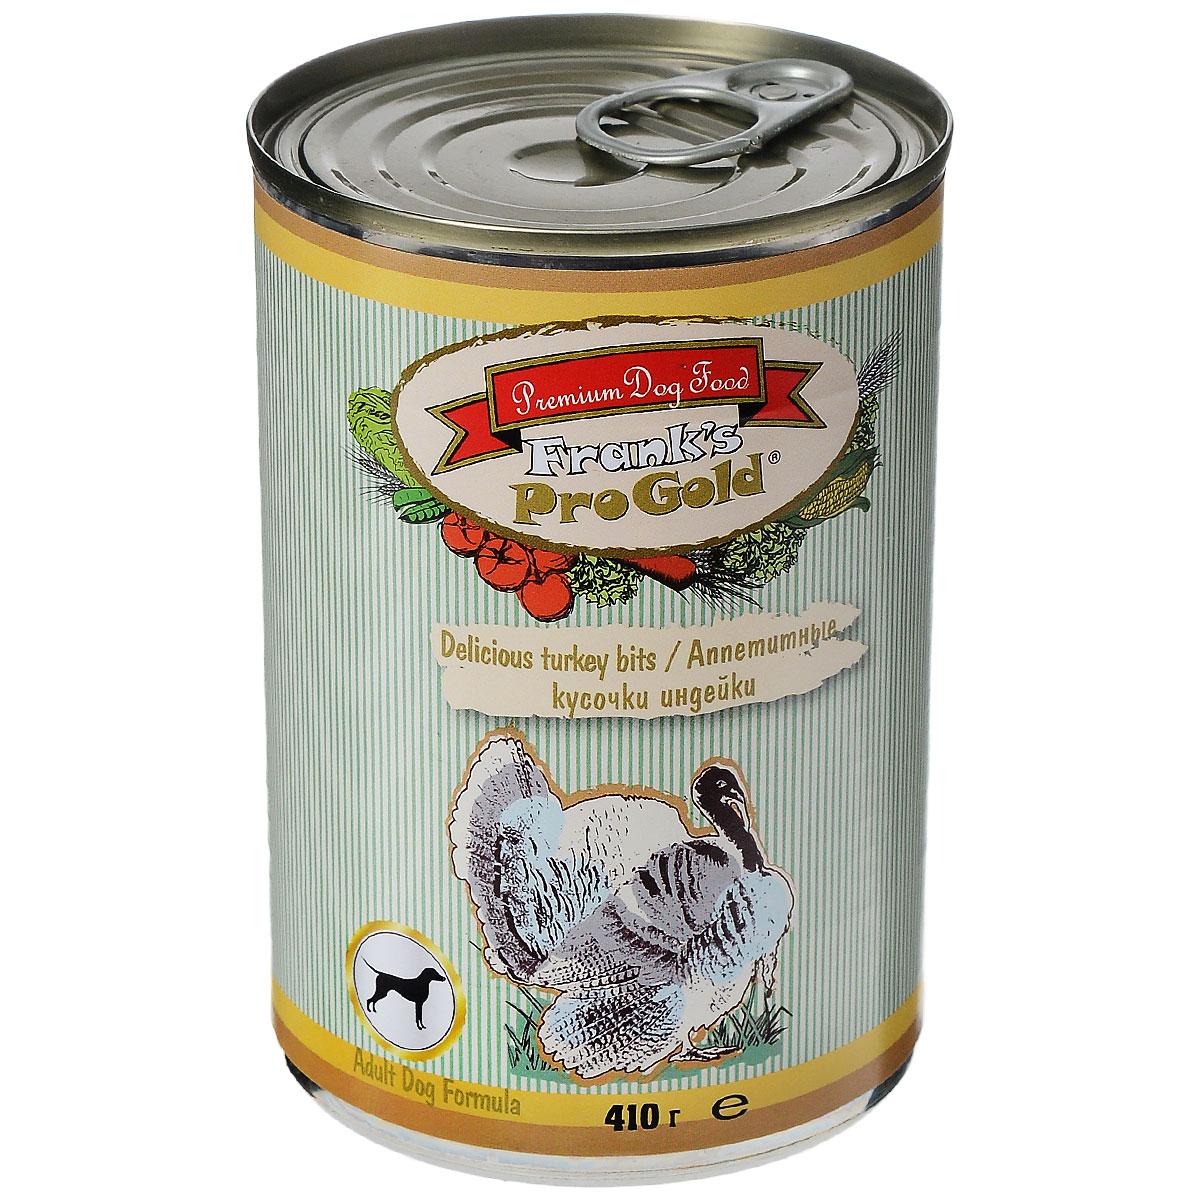 Консервы для собак Franks ProGold, с индейкой, 410 г19419Консервы для собак Franks ProGold - полнорационный продукт, содержащий все необходимые витамины и минералы, сбалансированный для поддержания оптимального здоровья вашего питомца! Ваш любимец, безусловно, оценит нежнейшие кусочки мяса в желе! Произведенные из натуральных ингредиентов, консервы Franks Pro Gold не содержат ГМО, сою, искусственных красителей, консервантов и усилителей вкуса. Состав: мясо курицы, индейка, мясо и его производные, злаки, витамины и минералы. Пищевая ценность: влажность 81%,белки 6,5%, жиры 4,5%, зола 2%, клетчатка 0,5%. Добавки: витамин A 1600 IU, витамин D 140 IU, витамин E 10 IU, железо E1 24 мг/кг, марганец E5 6 мг/кг, цинк E6 15 мг/кг, йодин E2 0,3 мг/кг. Калорийность: 393,6 ккал. Товар сертифицирован.